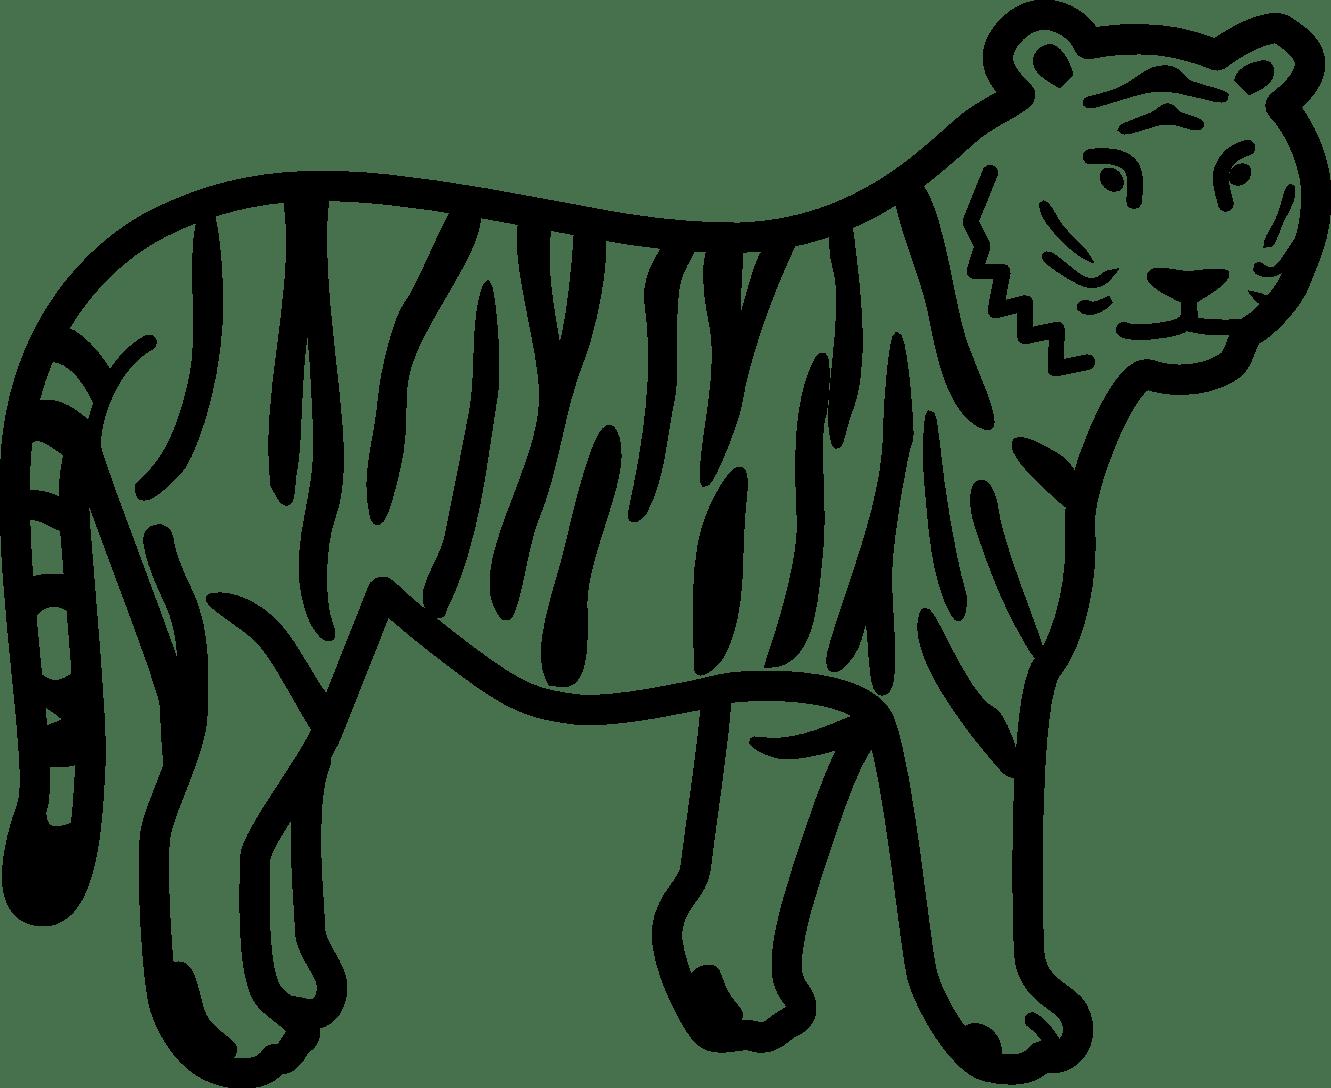 Kind clipart land animal, Kind land animal Transparent